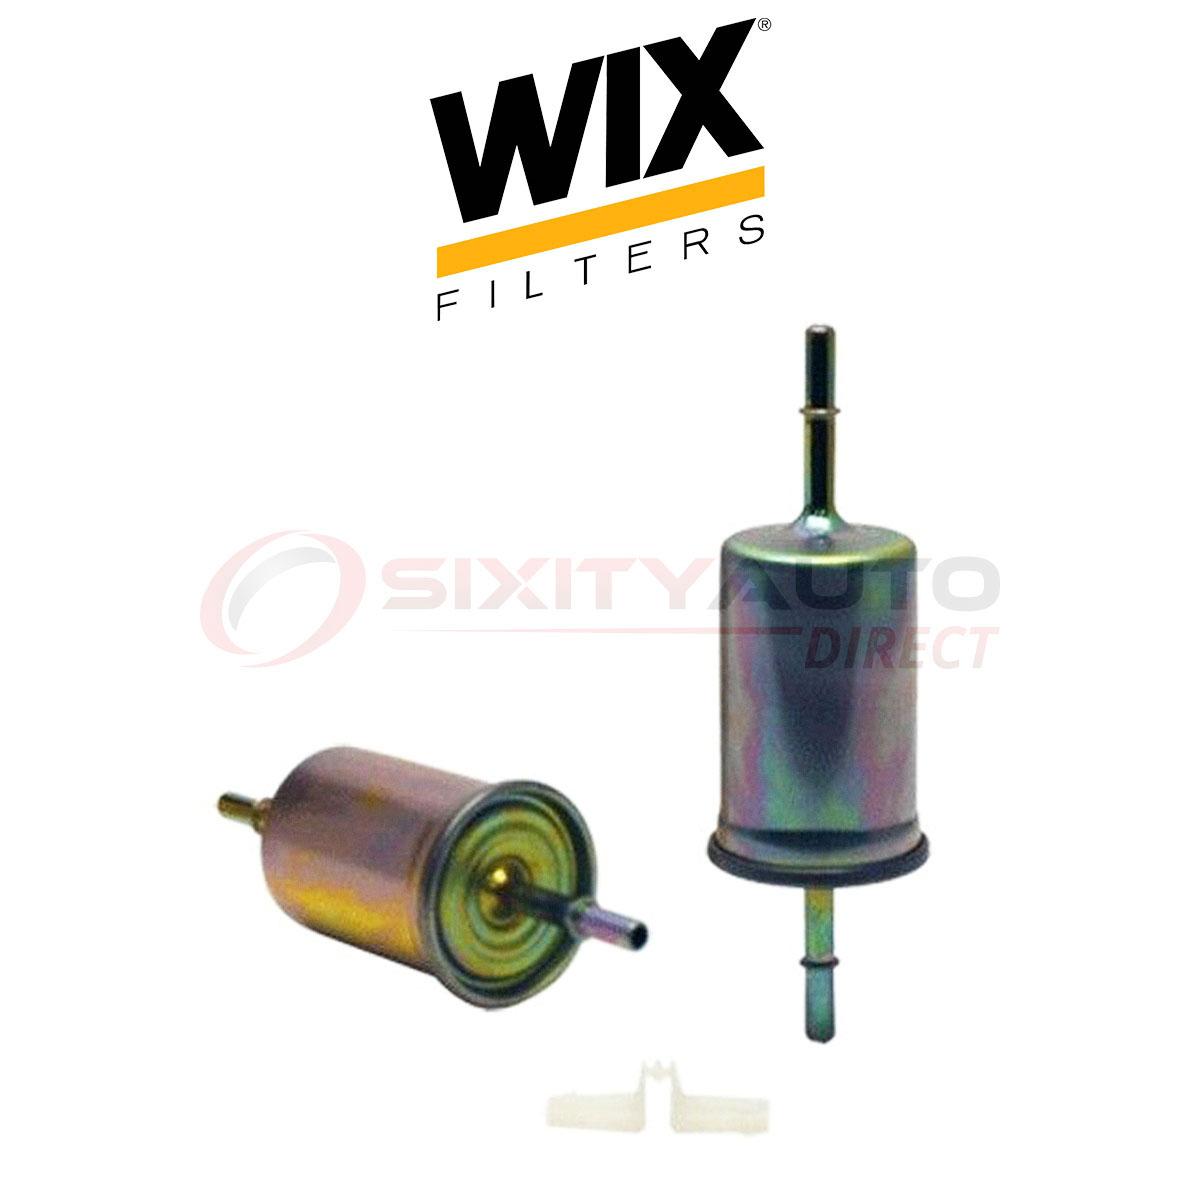 WIX Fuel Filter for 1999-2003 Ford Windstar 3.0L 3.8L V6 - Gas Filtration  um | eBayeBay